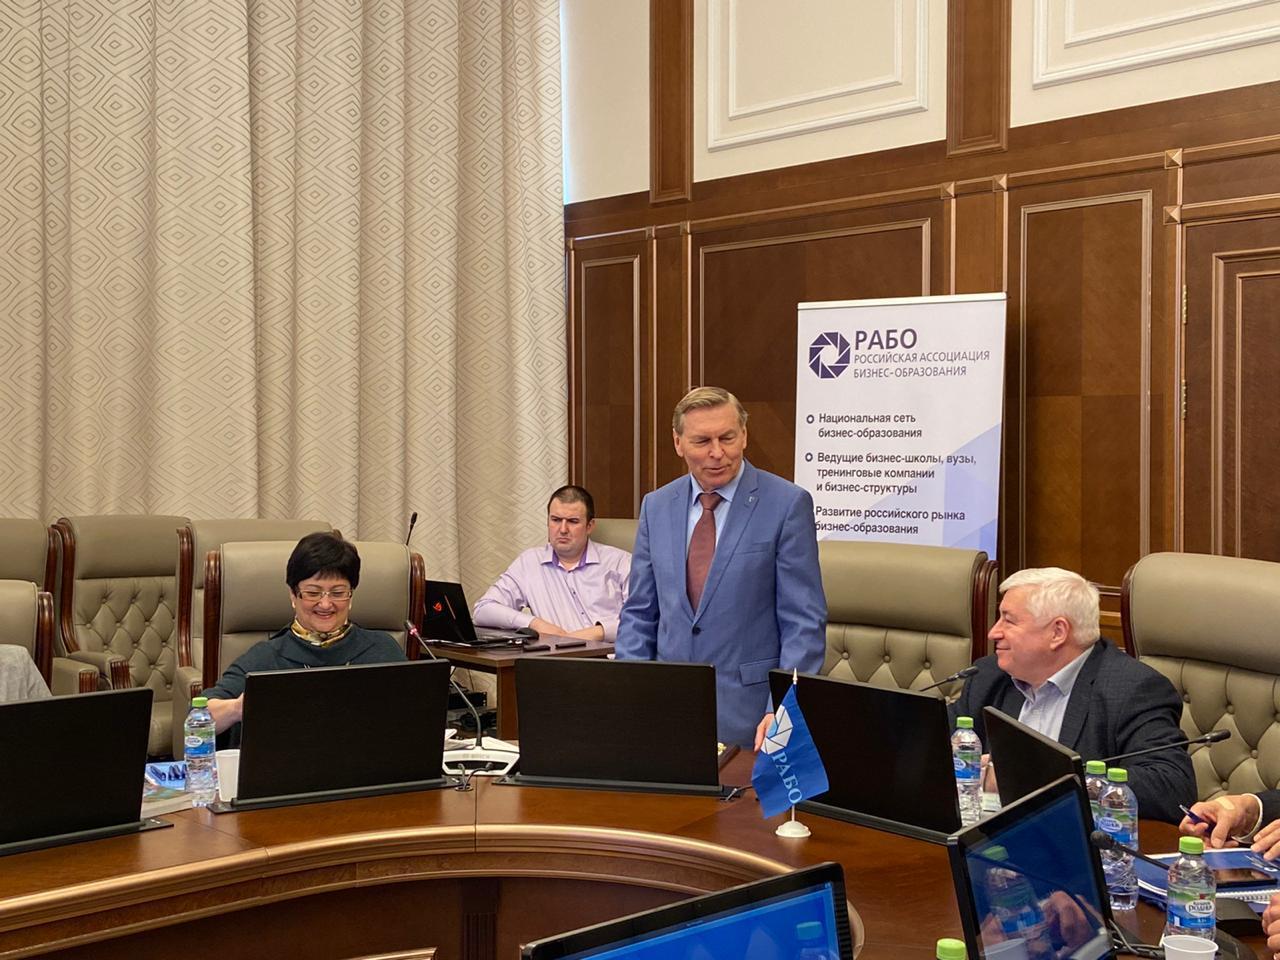 Заседание совета РАБО-2020 фото 9